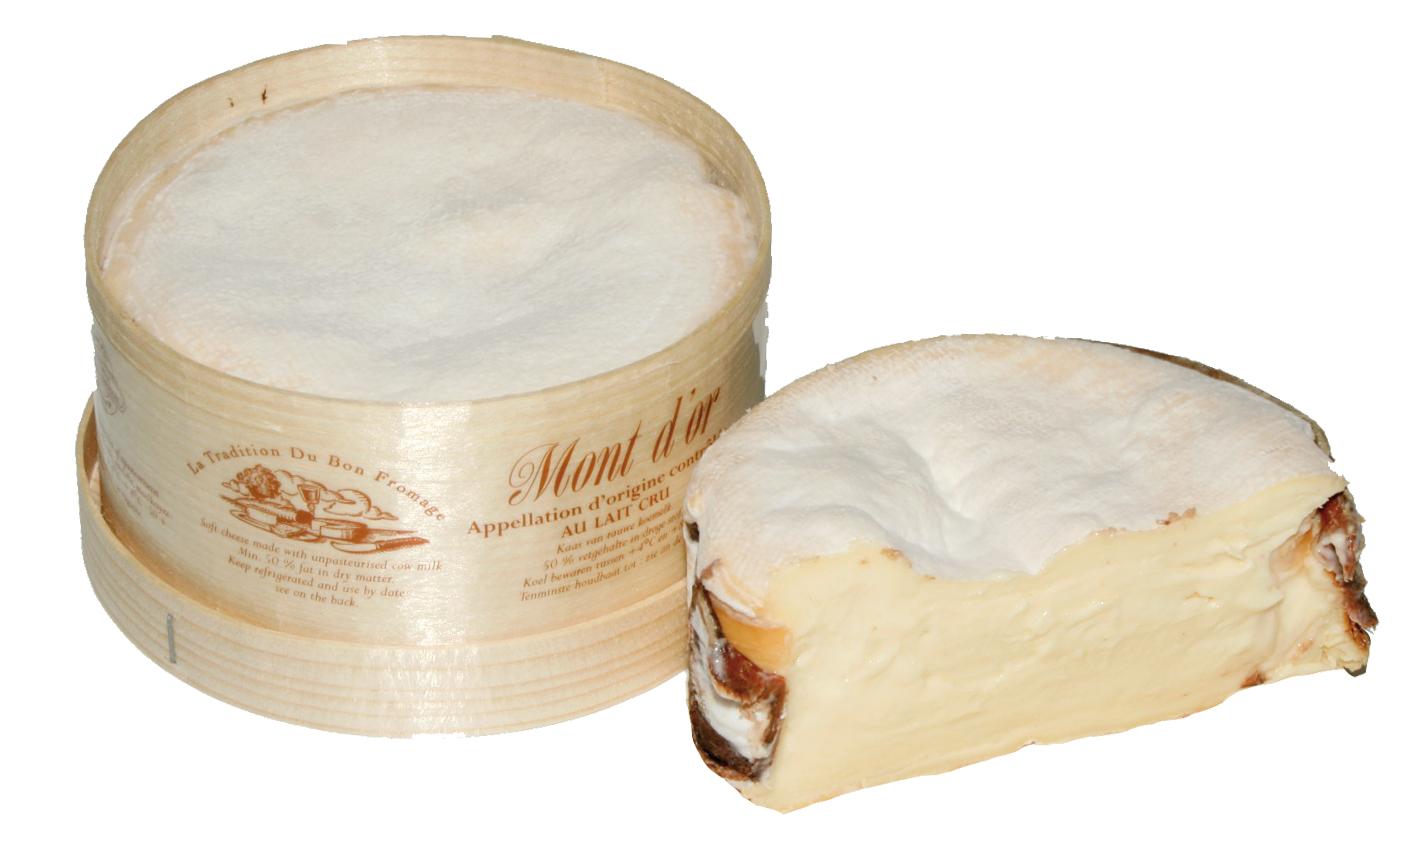 MONT D'OR - Der weltweit einzige Mont d'Or aus Bauernherstellung. Bis in den Kern gereift verbirgt er unter den Falten seiner recht dicken Rinde eine authentische, sehr cremige Textur. Nach Nadelholz duftend, entfaltet er am Gaumen lebhafte Aromen.